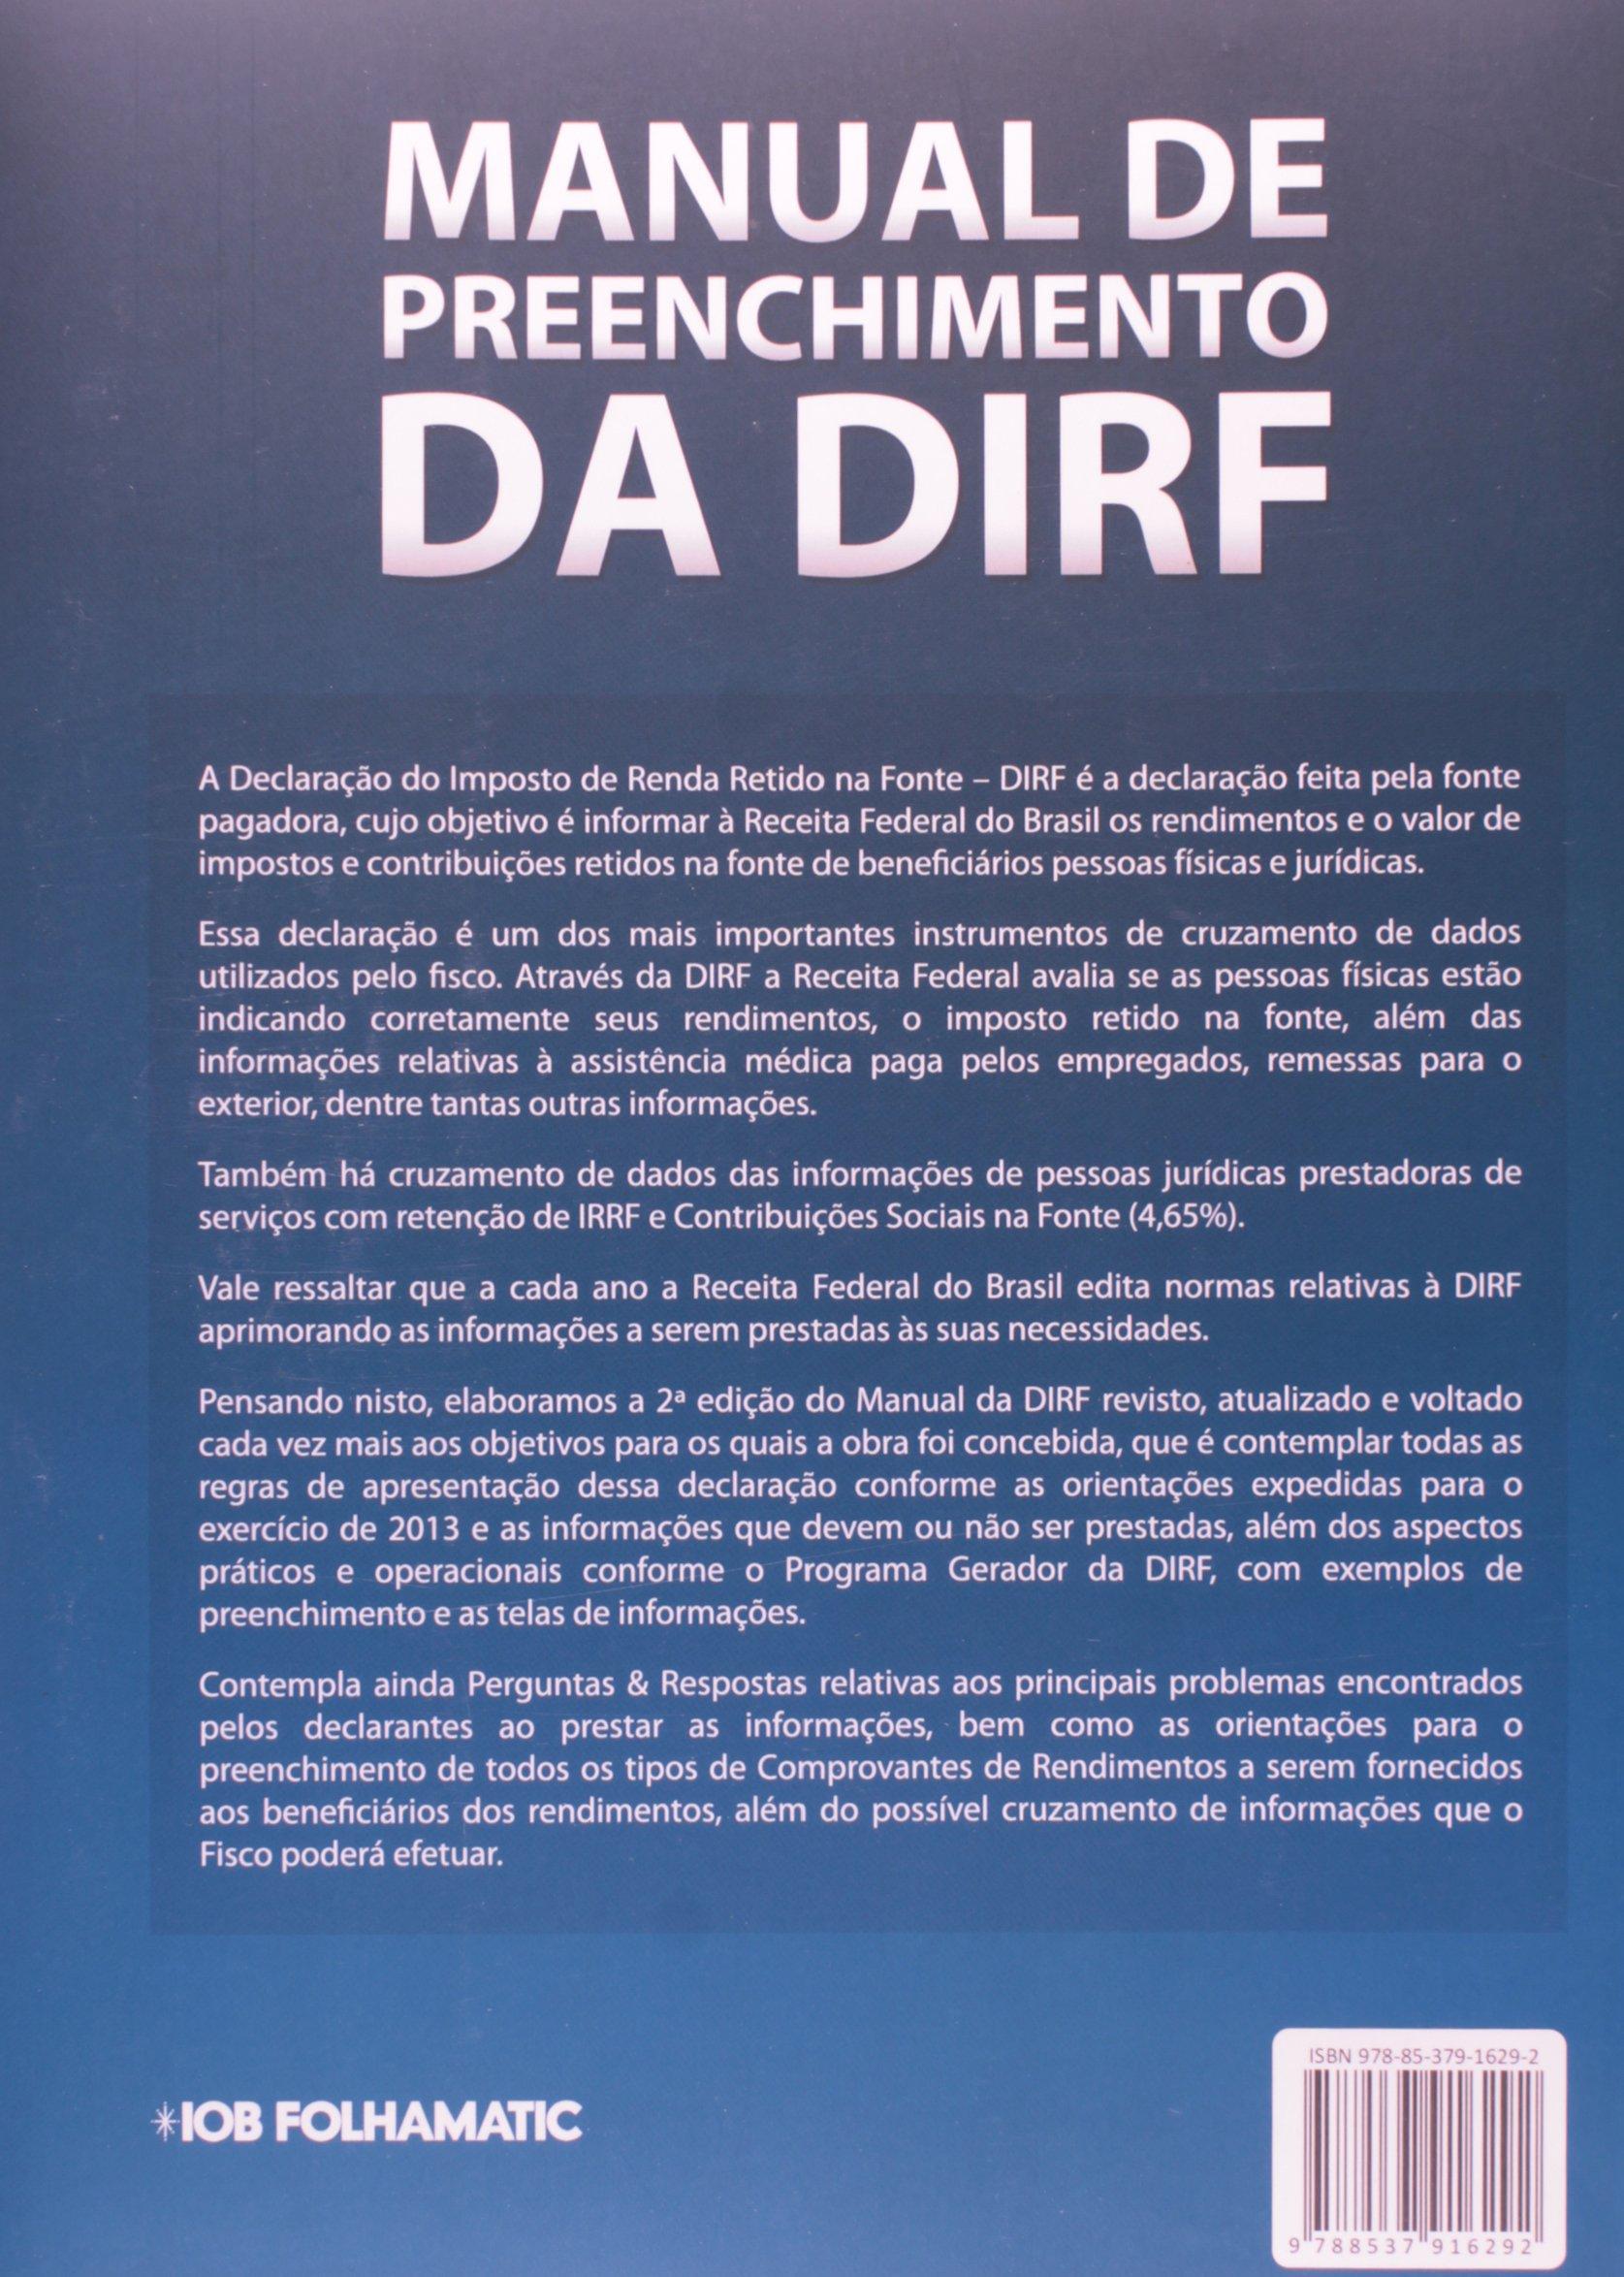 manual de preenchimento da d i r f 9788537916292 livros na rh amazon com br manual dirf 2013 O Que E Dirf